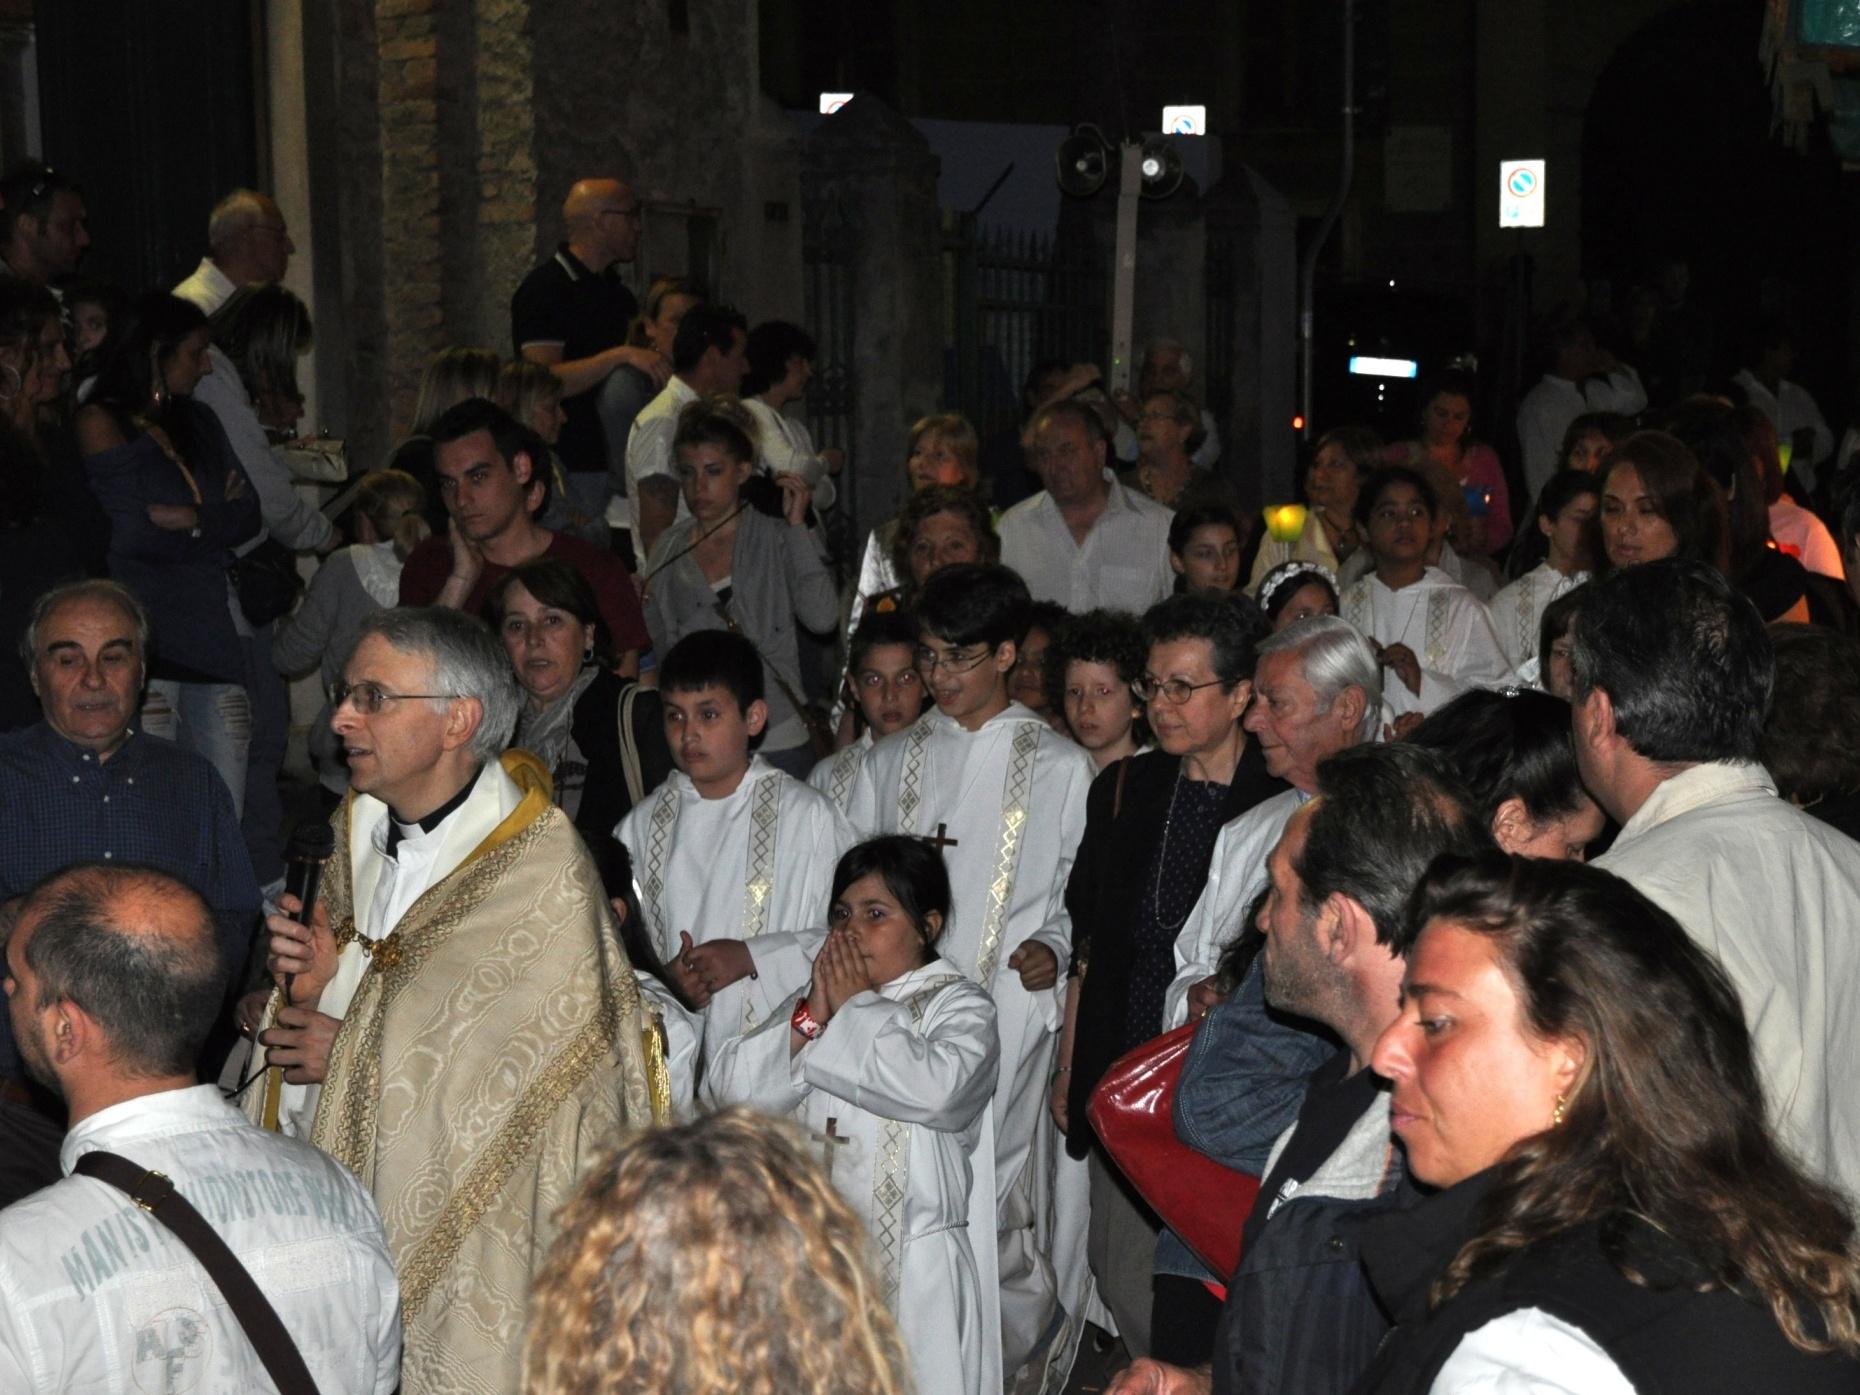 processione_madonna-2011-05-29-21-53-36